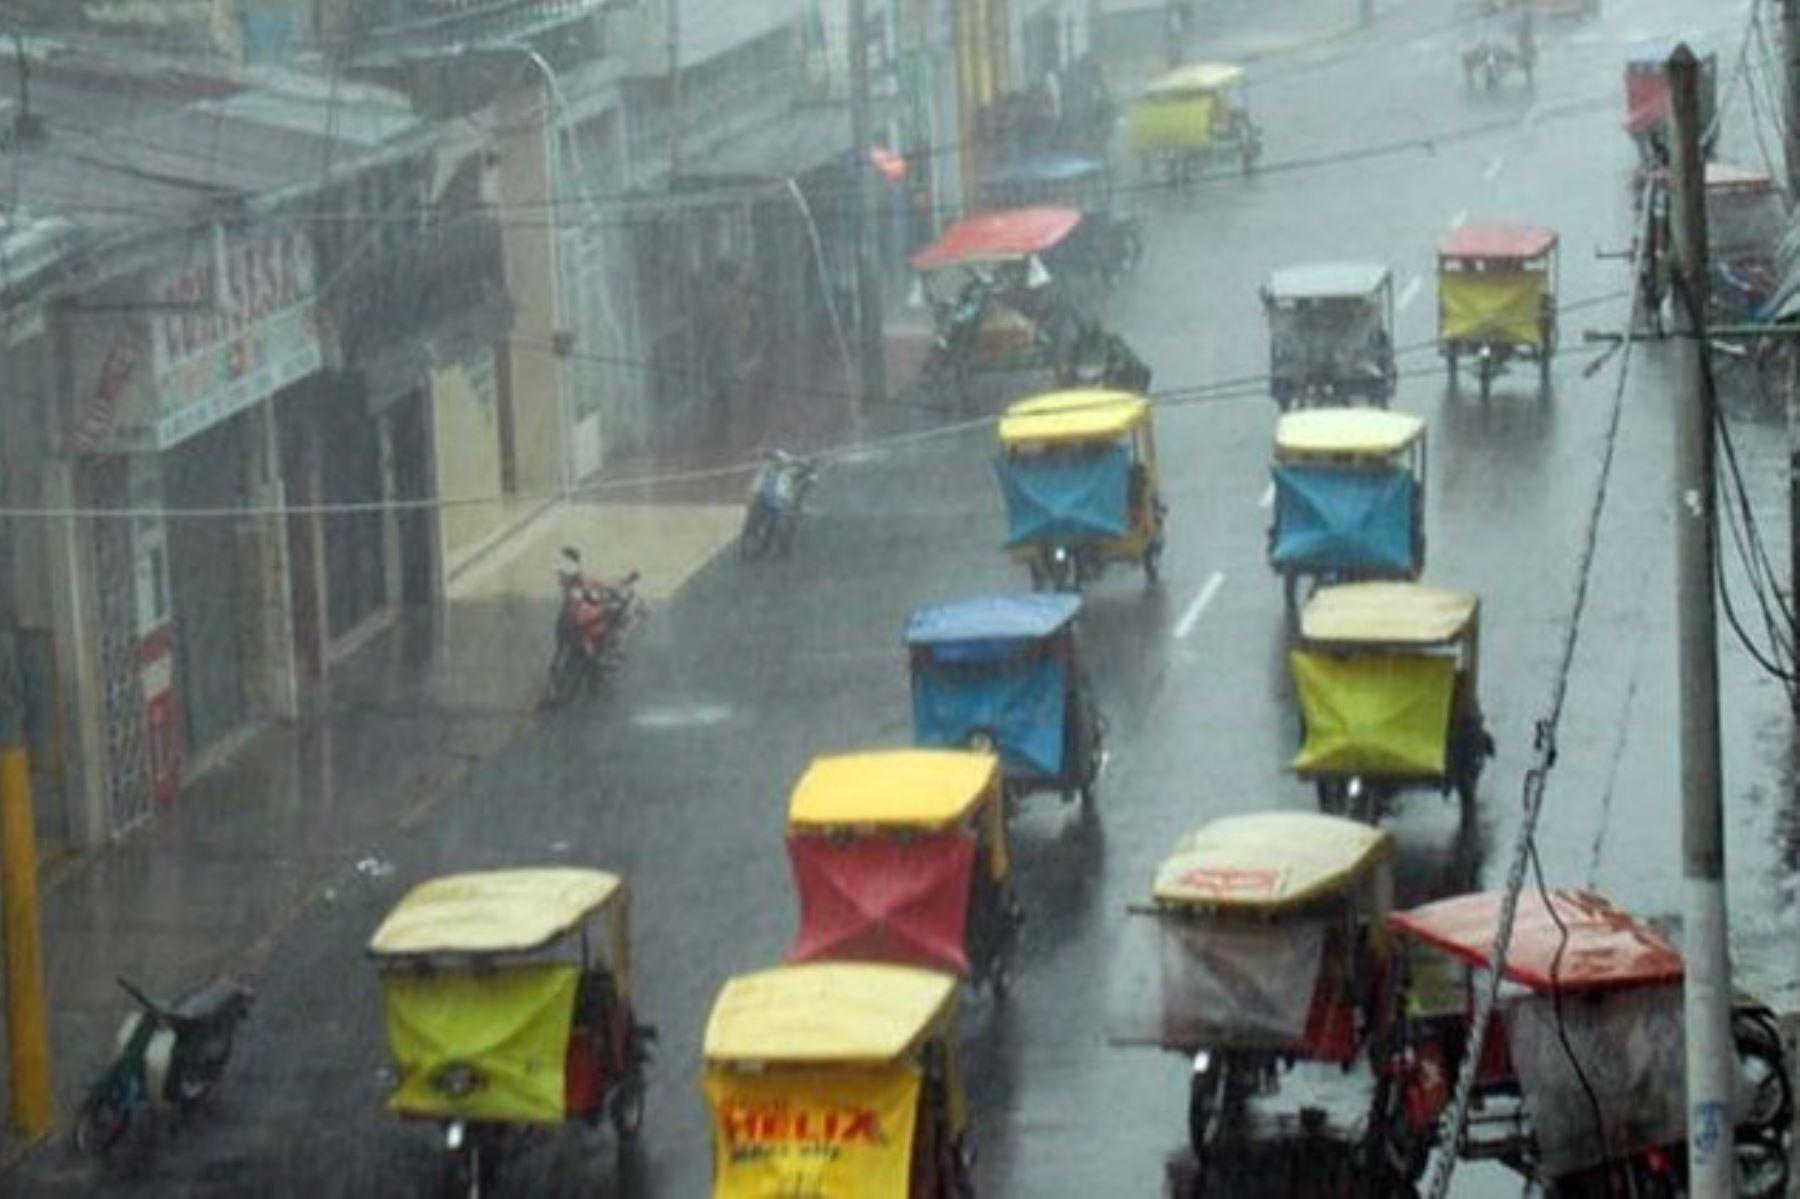 El Senamhi pronosticó lluvias de moderada a fuerte intensidad en la Selva desde hoy hasta el jueves 21 de noviembre. Foto: ANDINA/Difusión